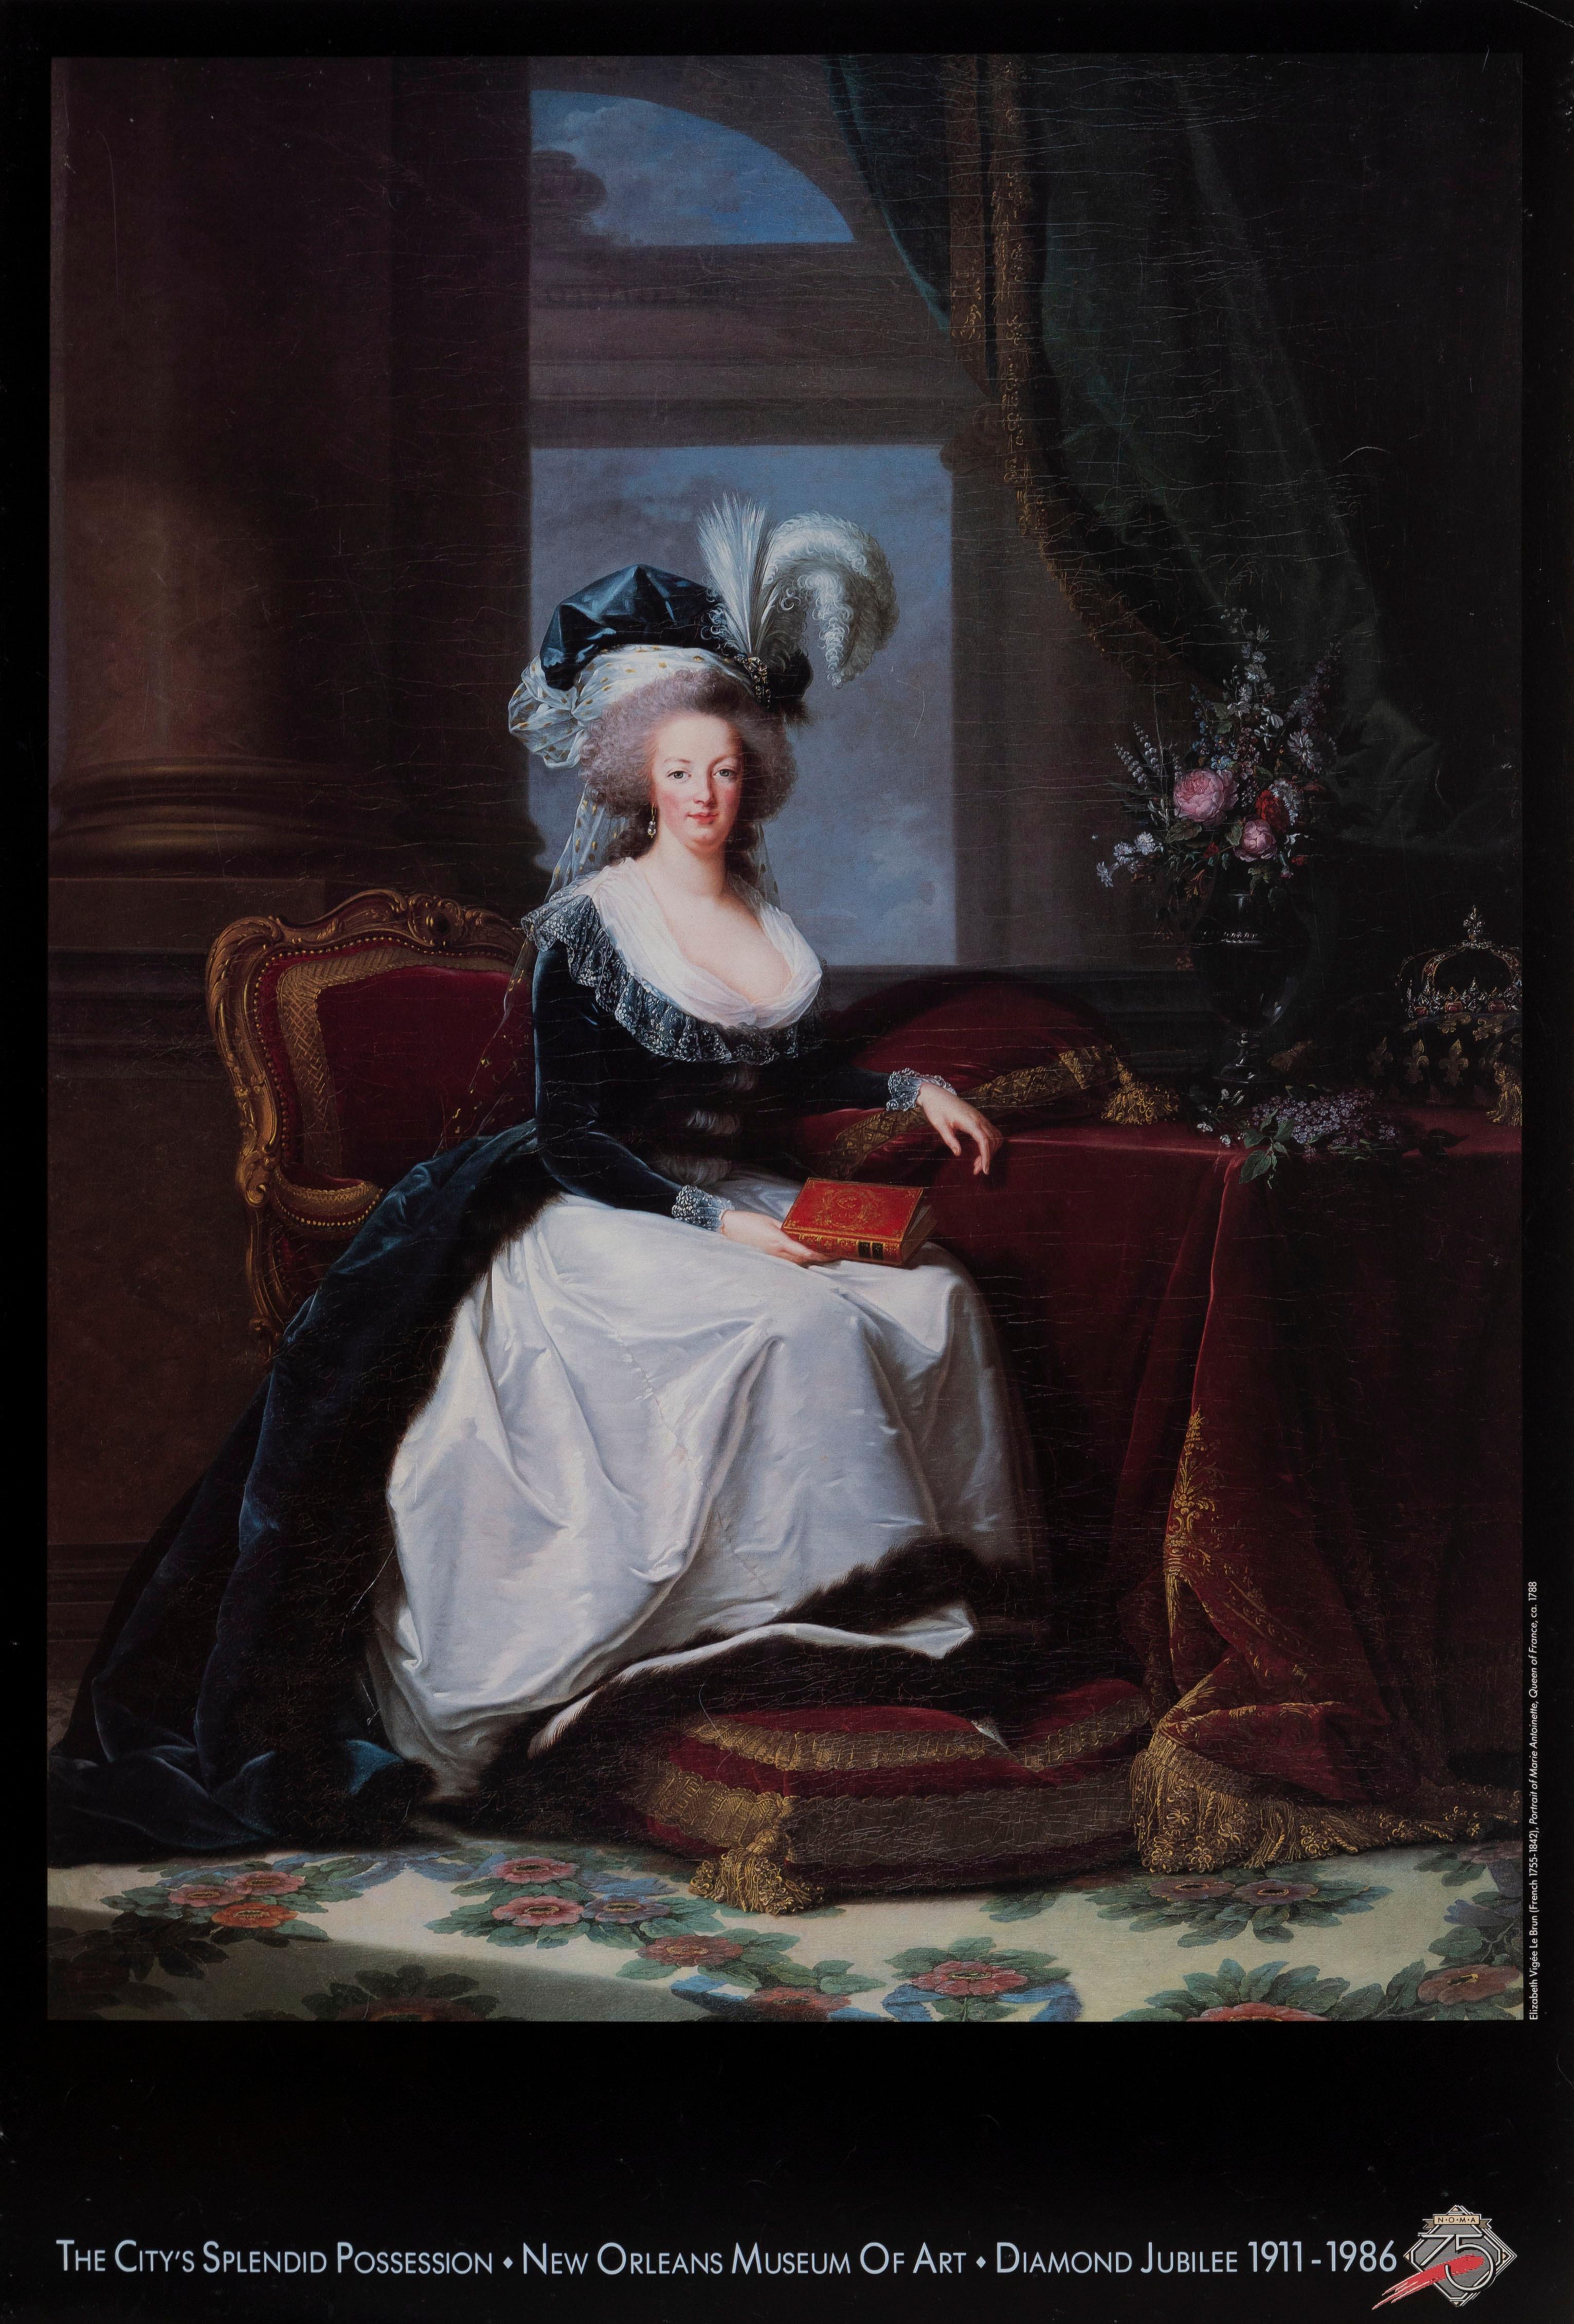 Élisabeth Vigée Le Brun, Portrait of Marie Antoinette - New Orleans Museum, Poster on board